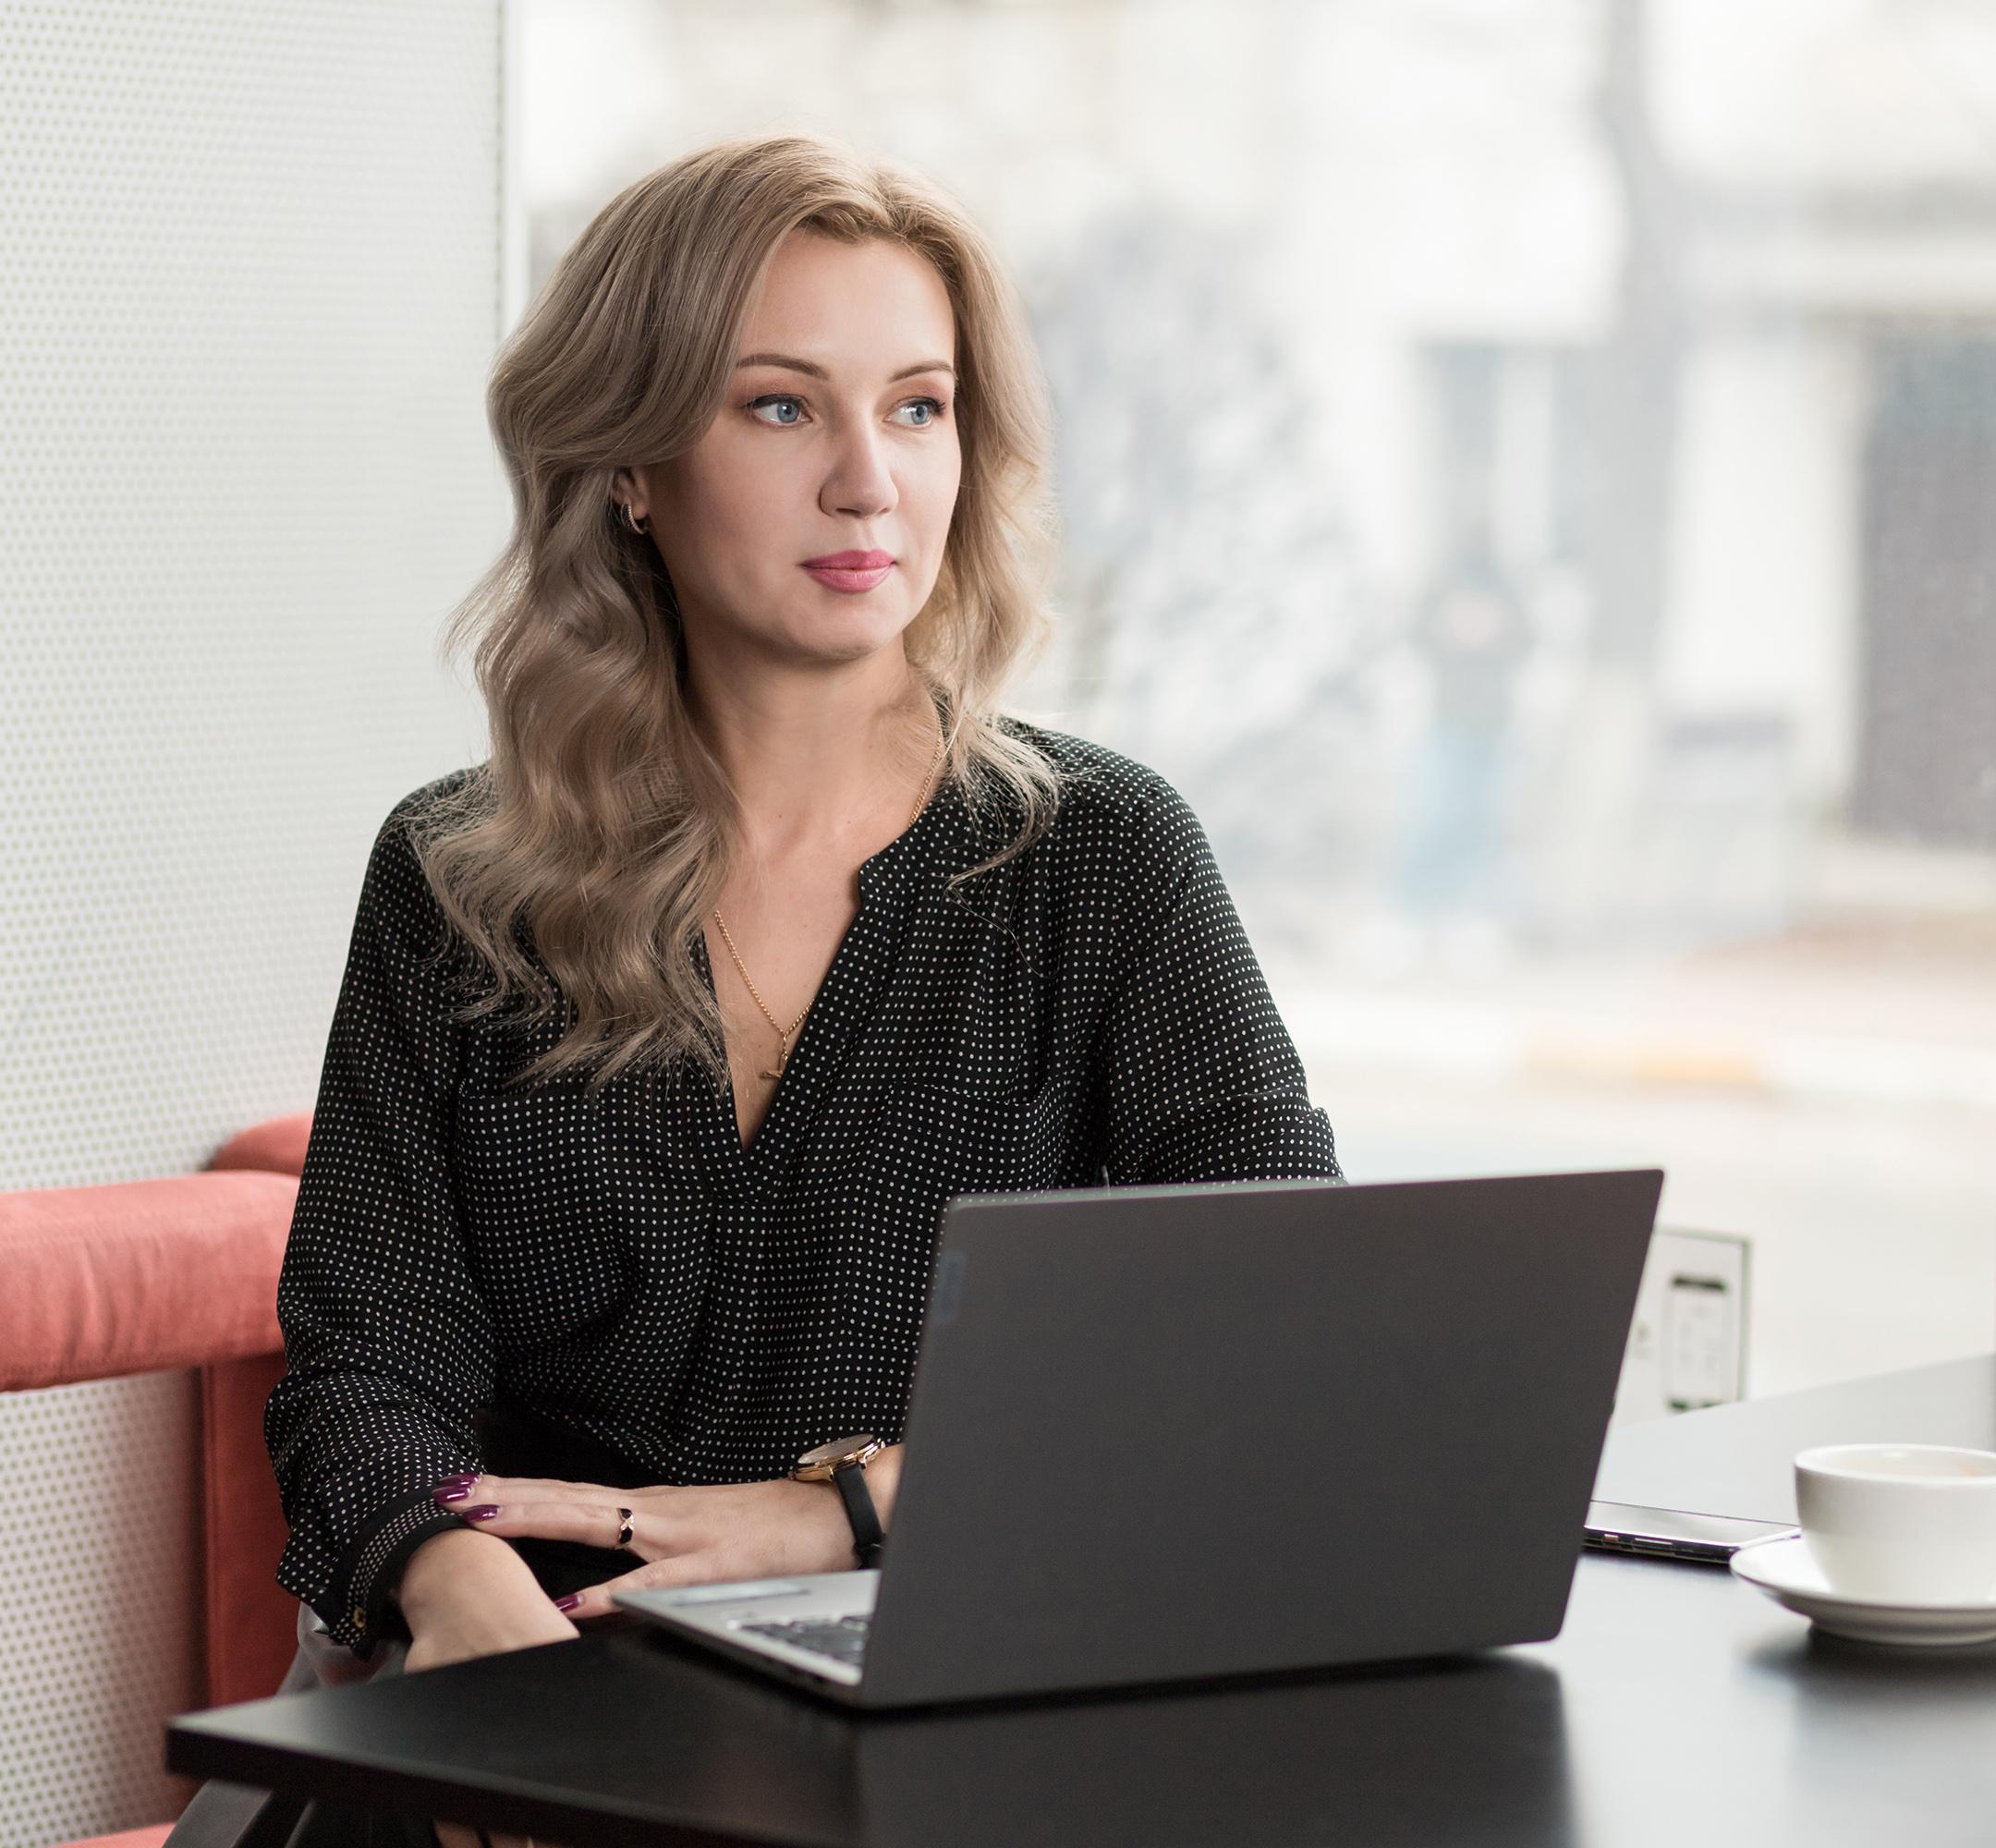 Сидорова Елена основатель и преподователь школи восстановления волос, главный технолог школи, арт-директор студии красоты ES